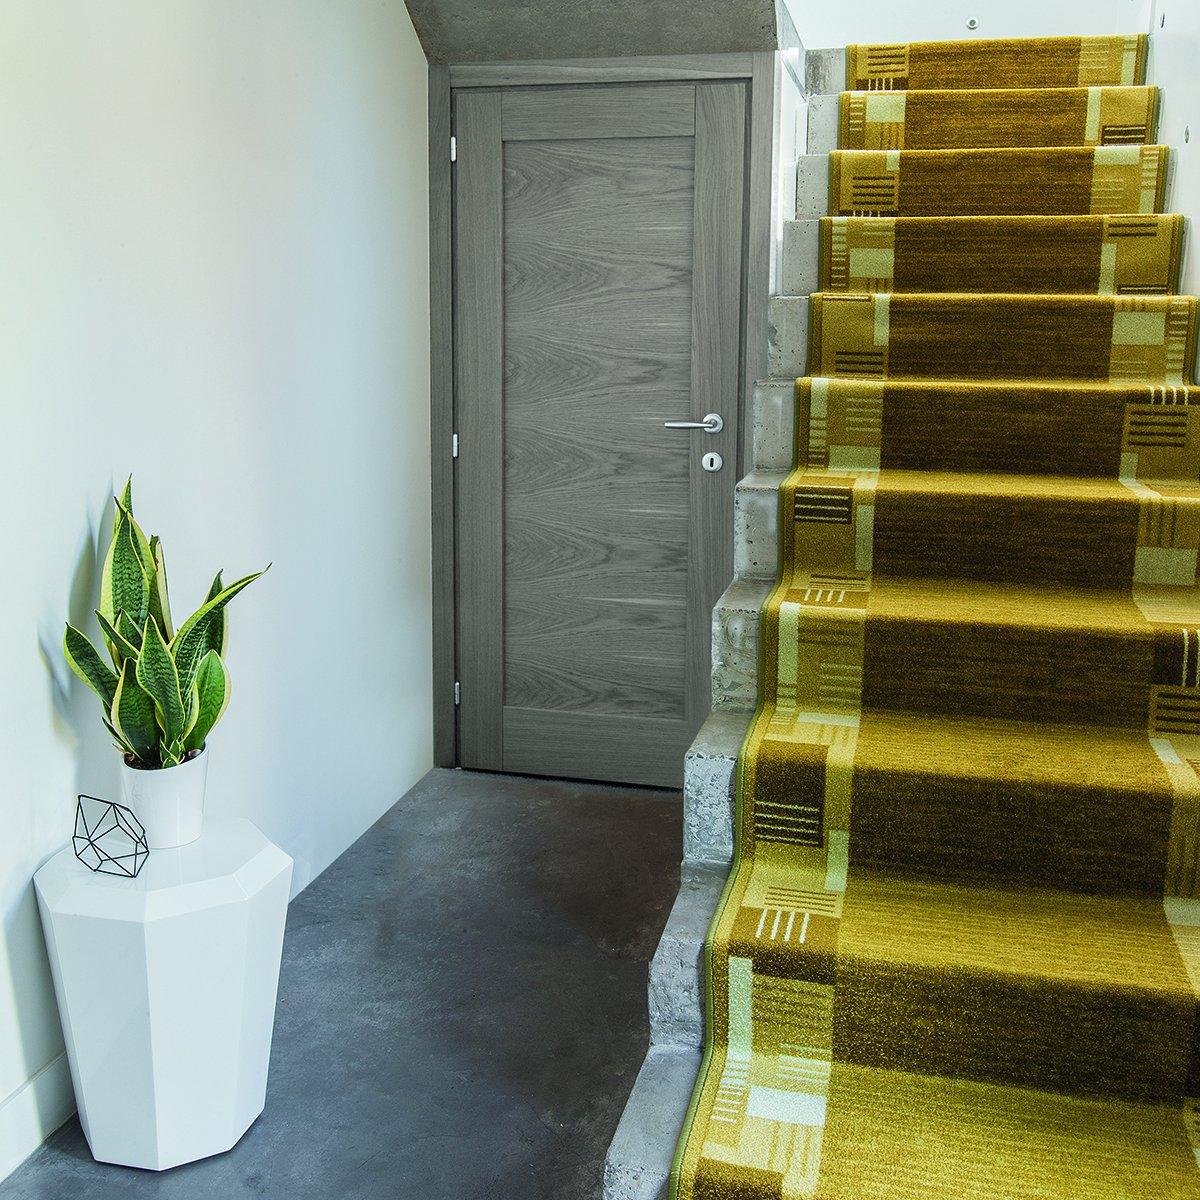 Casa pura Läufer mit Zeitloser Musterung   grau     Qualitätsprodukt aus Deutschland   GUT Siegel   kombinierbar mit Stufenmatten   3 Breiten und 27 Längen (100x375cm) B013WVPO22 Lufer d6b31c